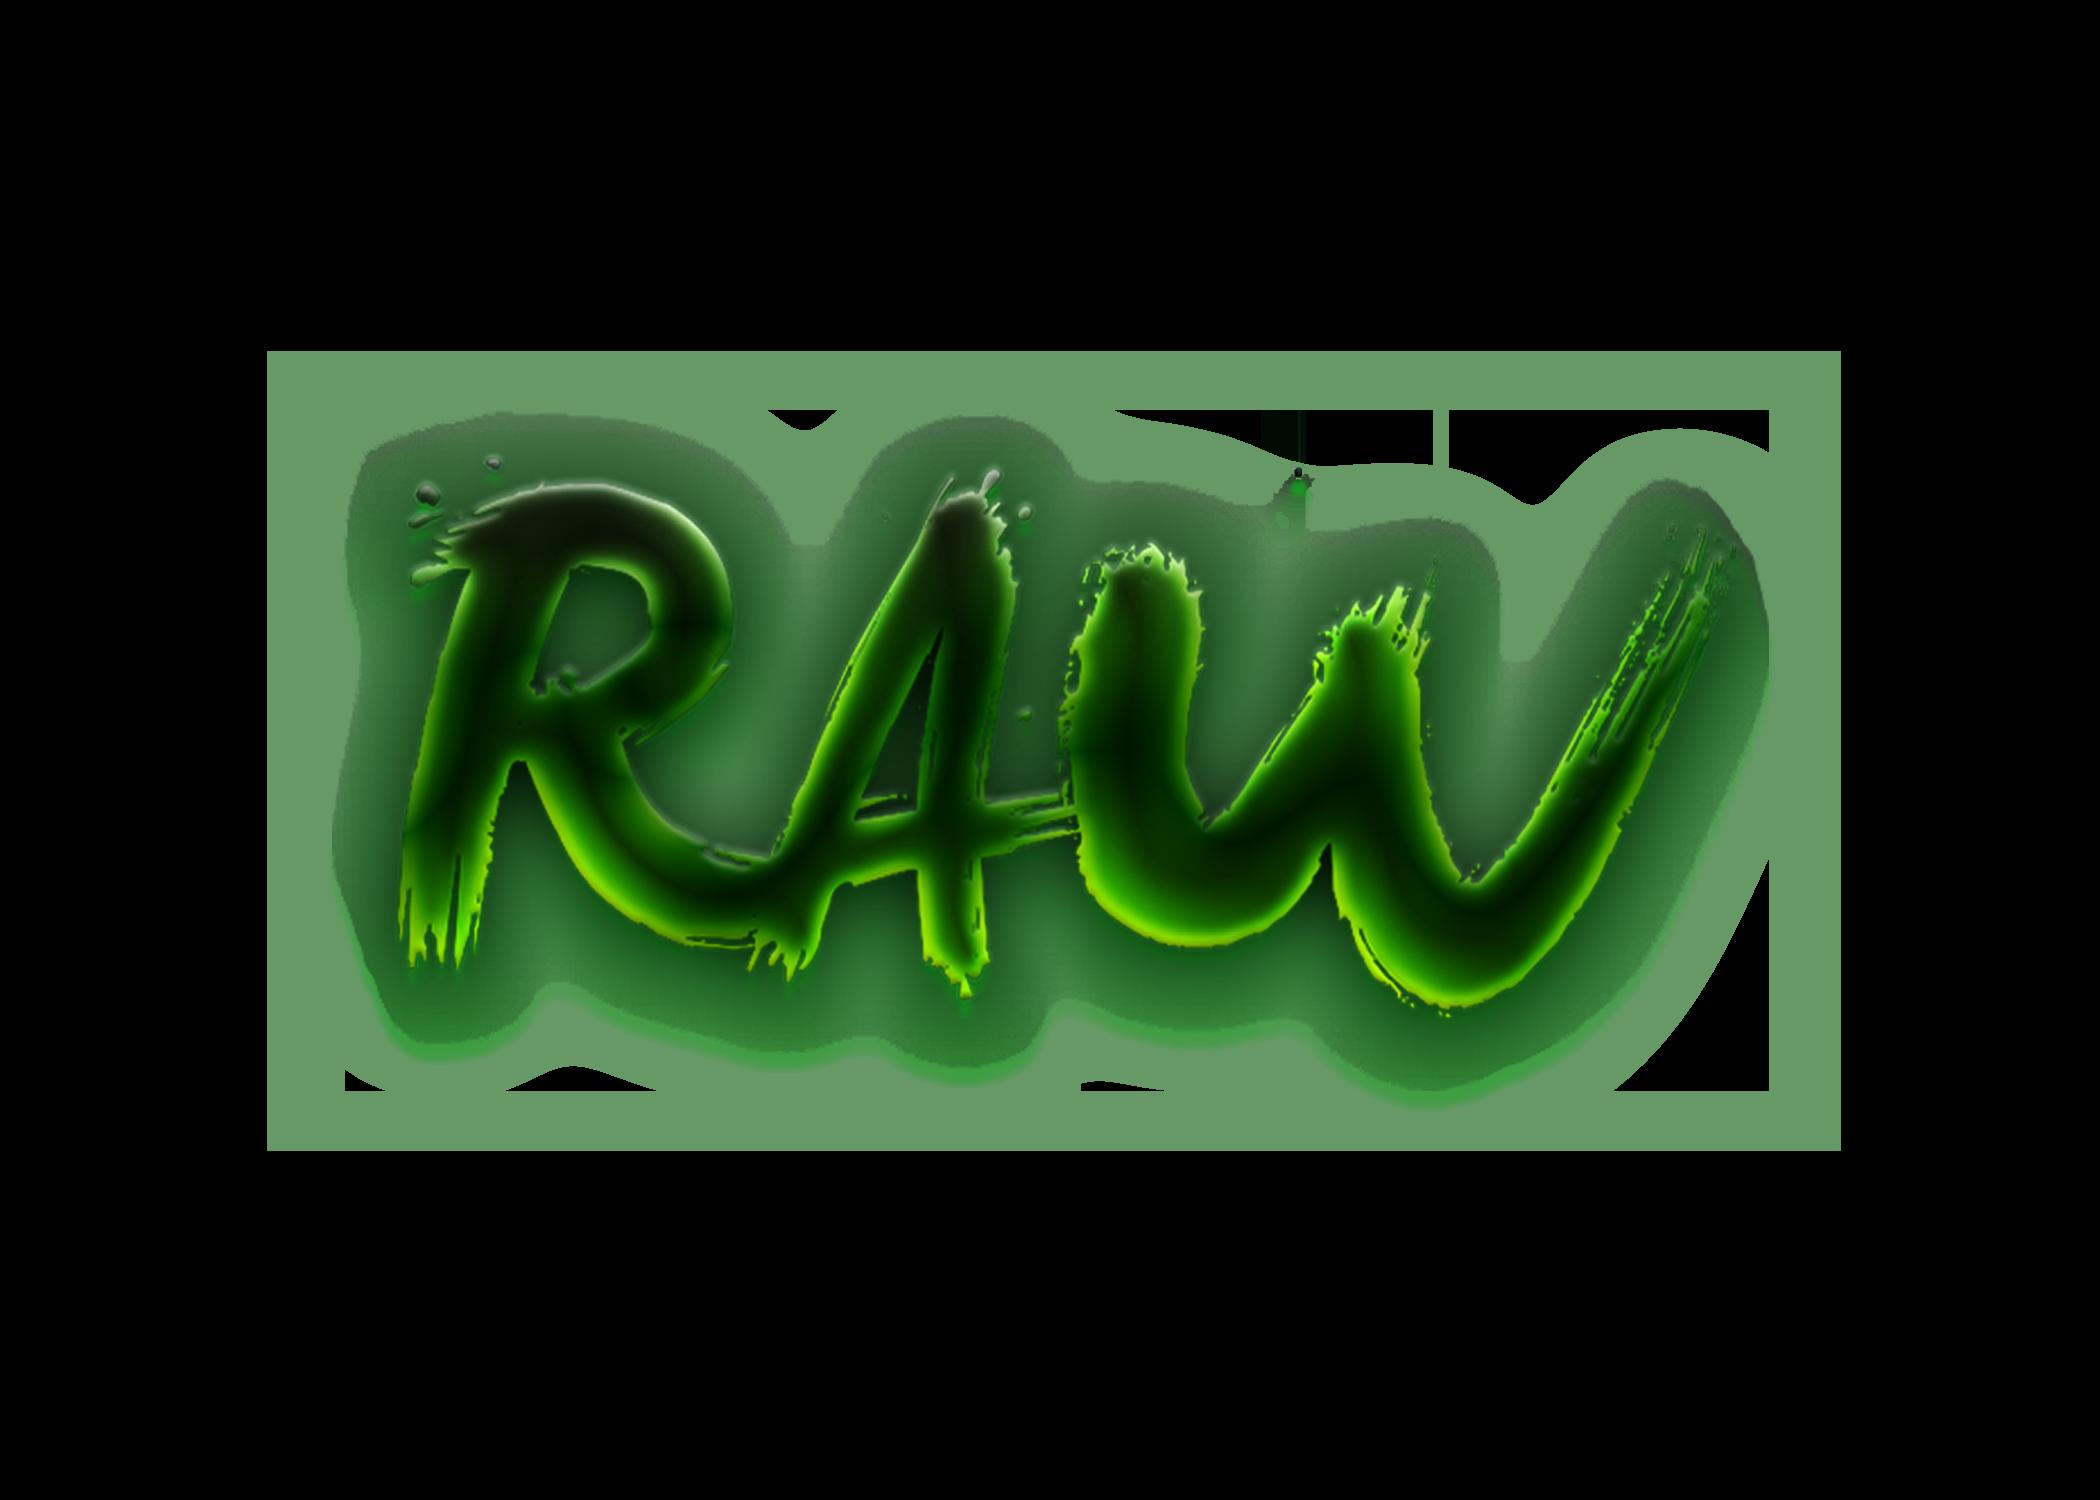 RawCloud